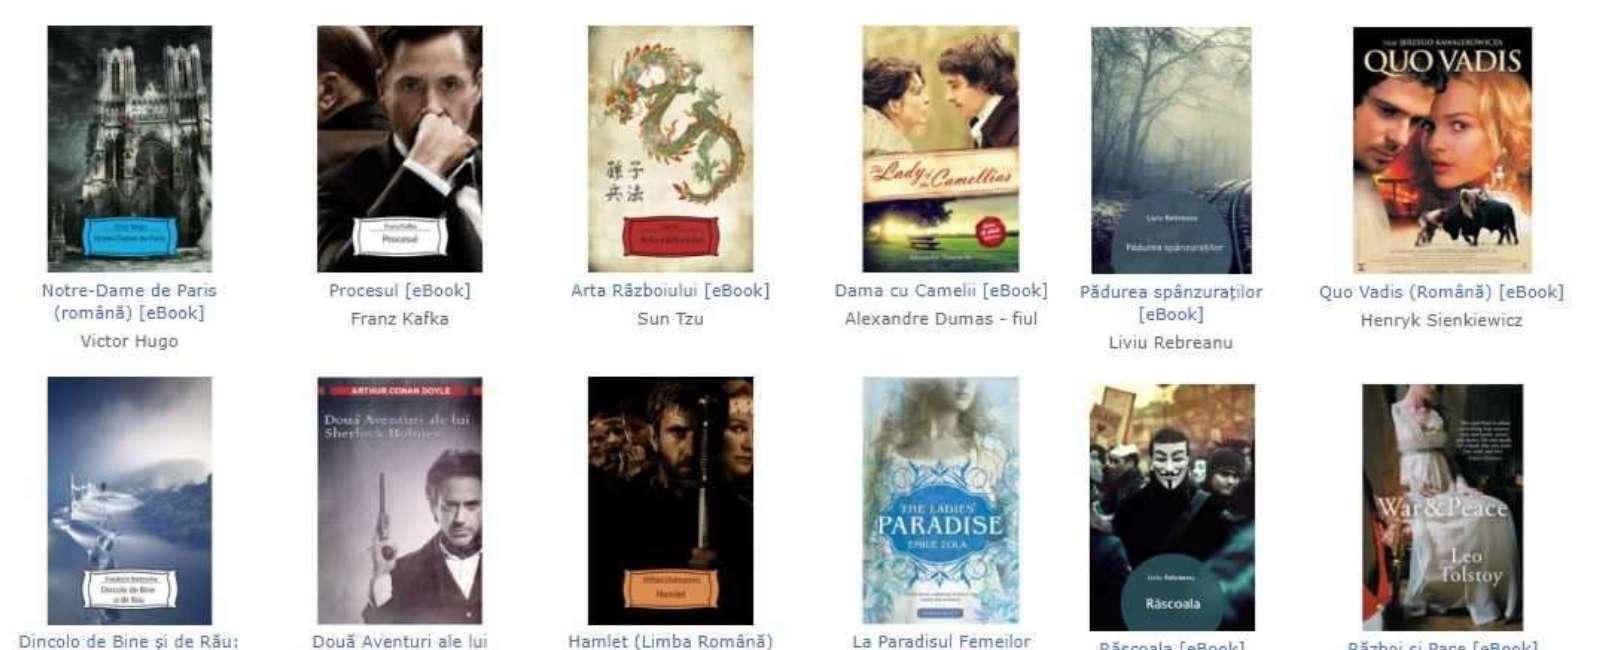 1000 de Carti Digitale (eBook) Gratis